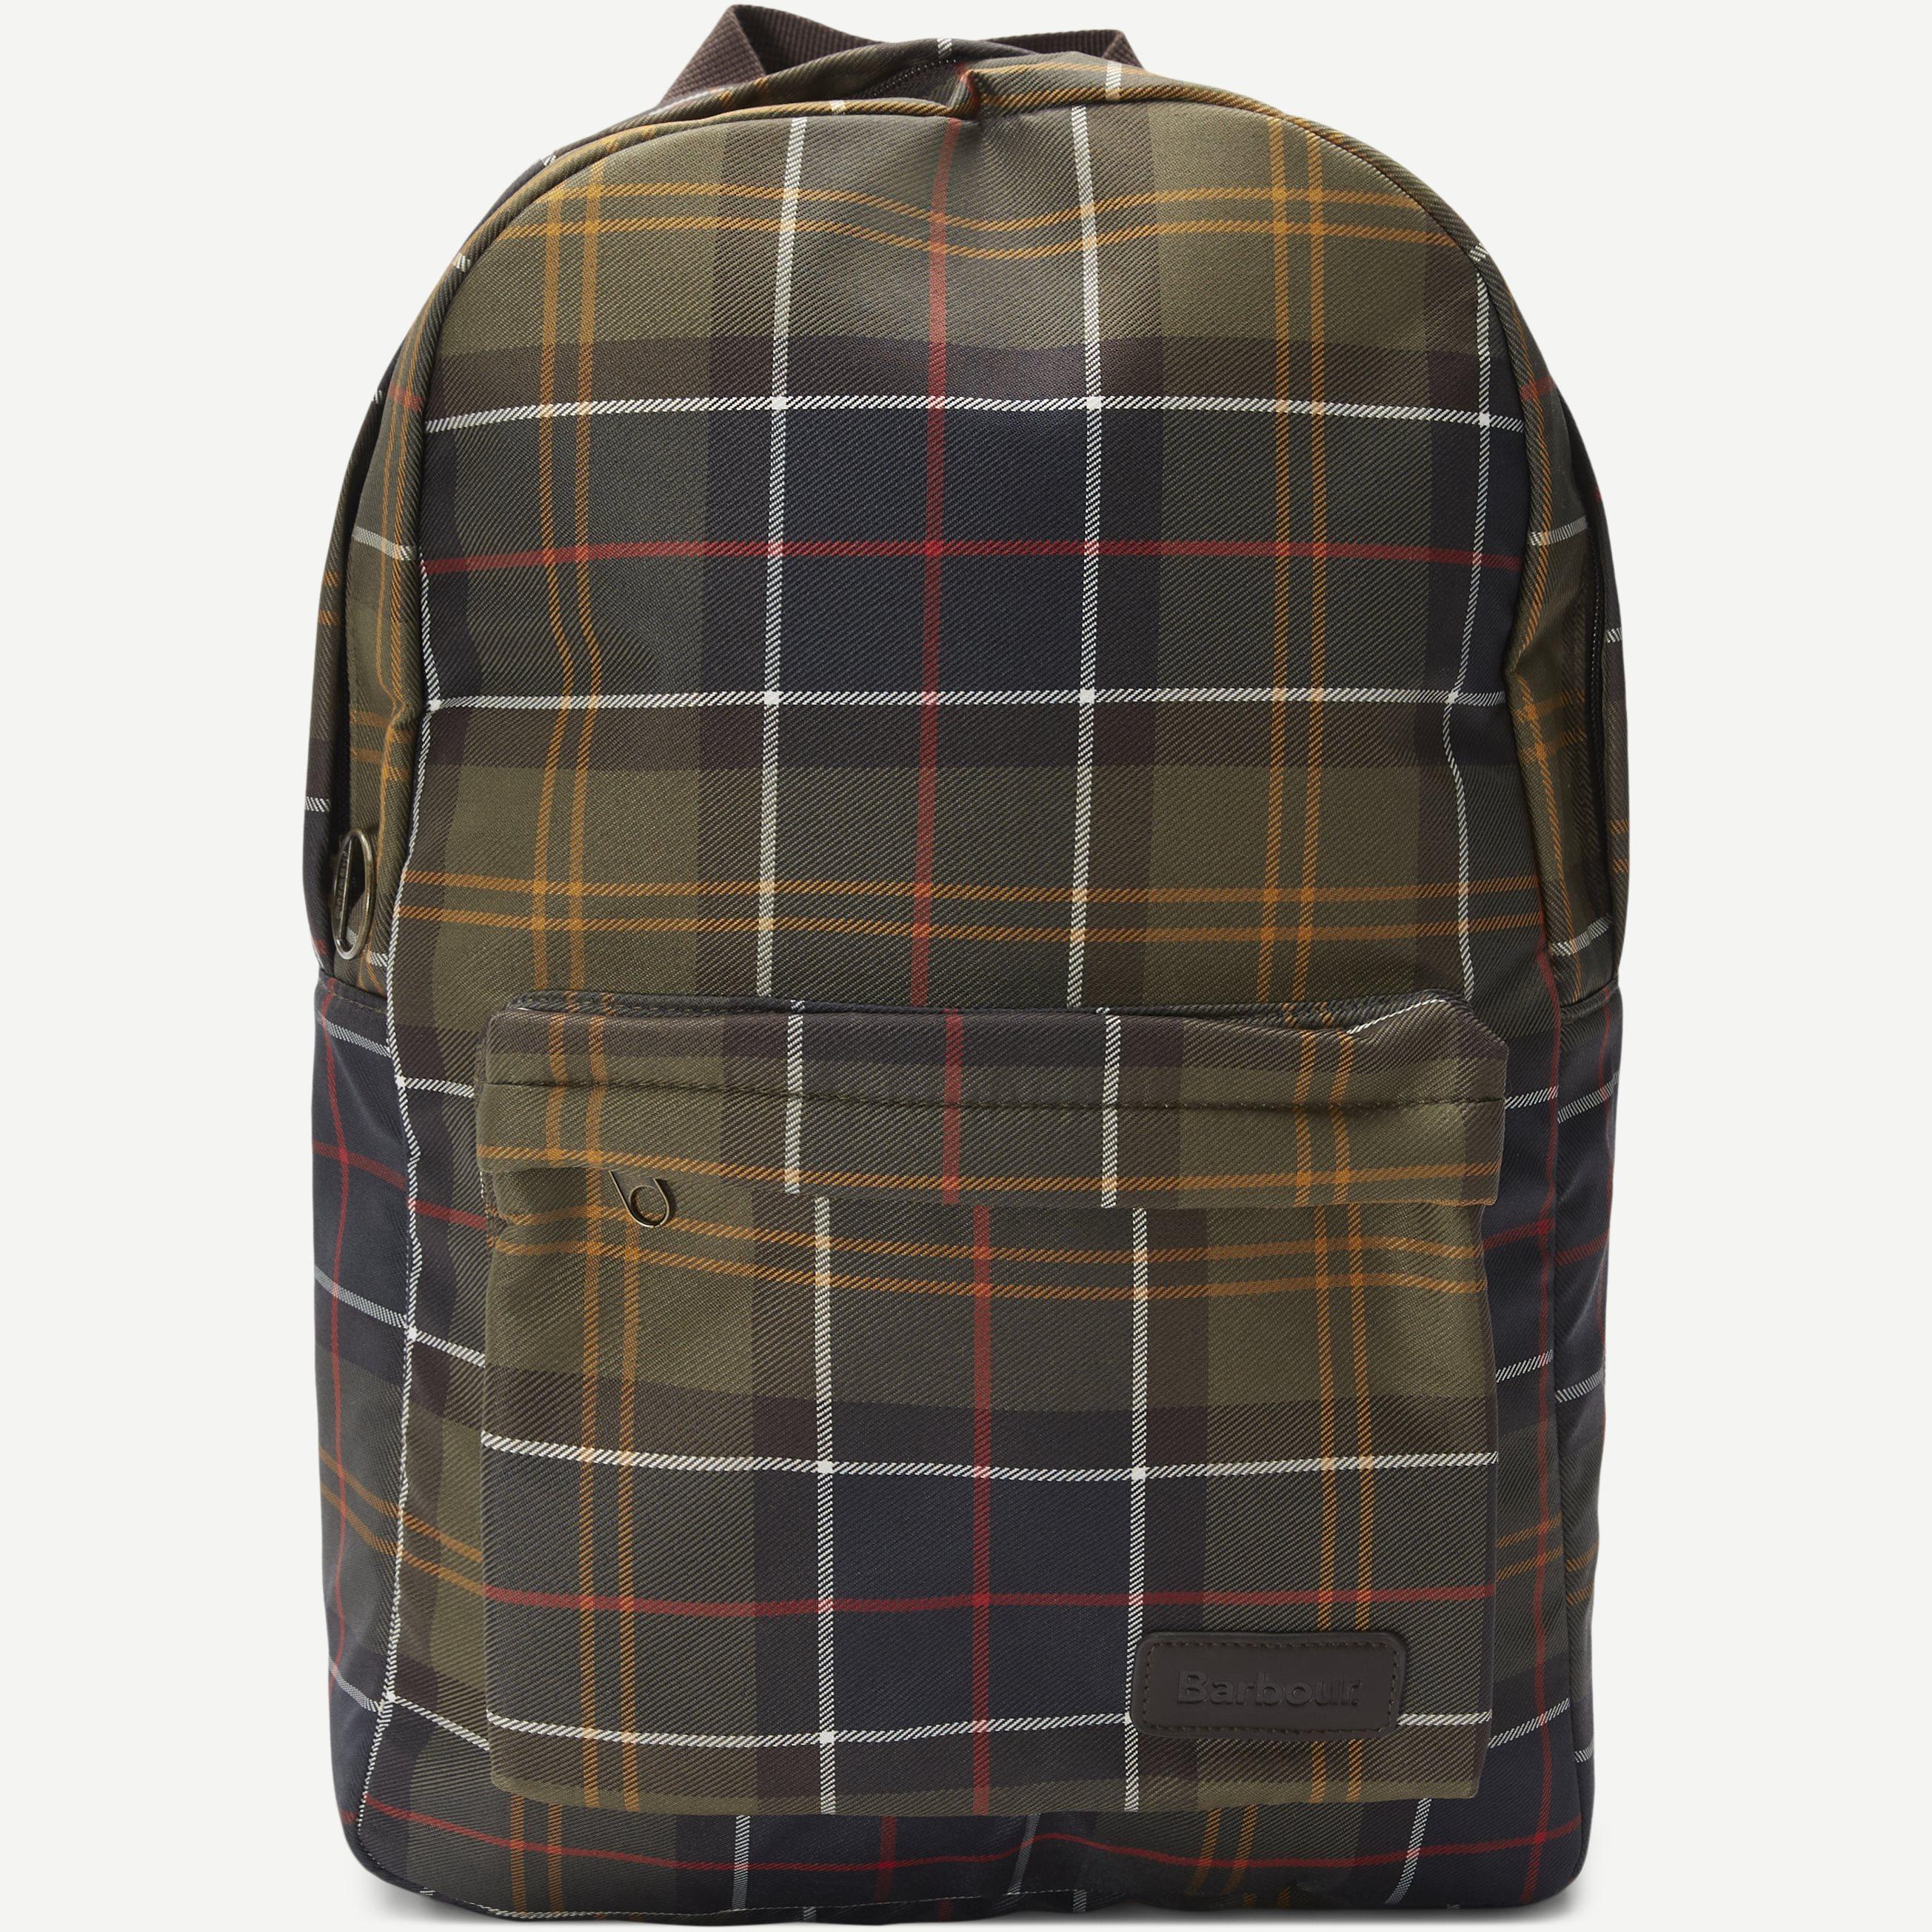 Torridon Back Pack - Väskor - Armé